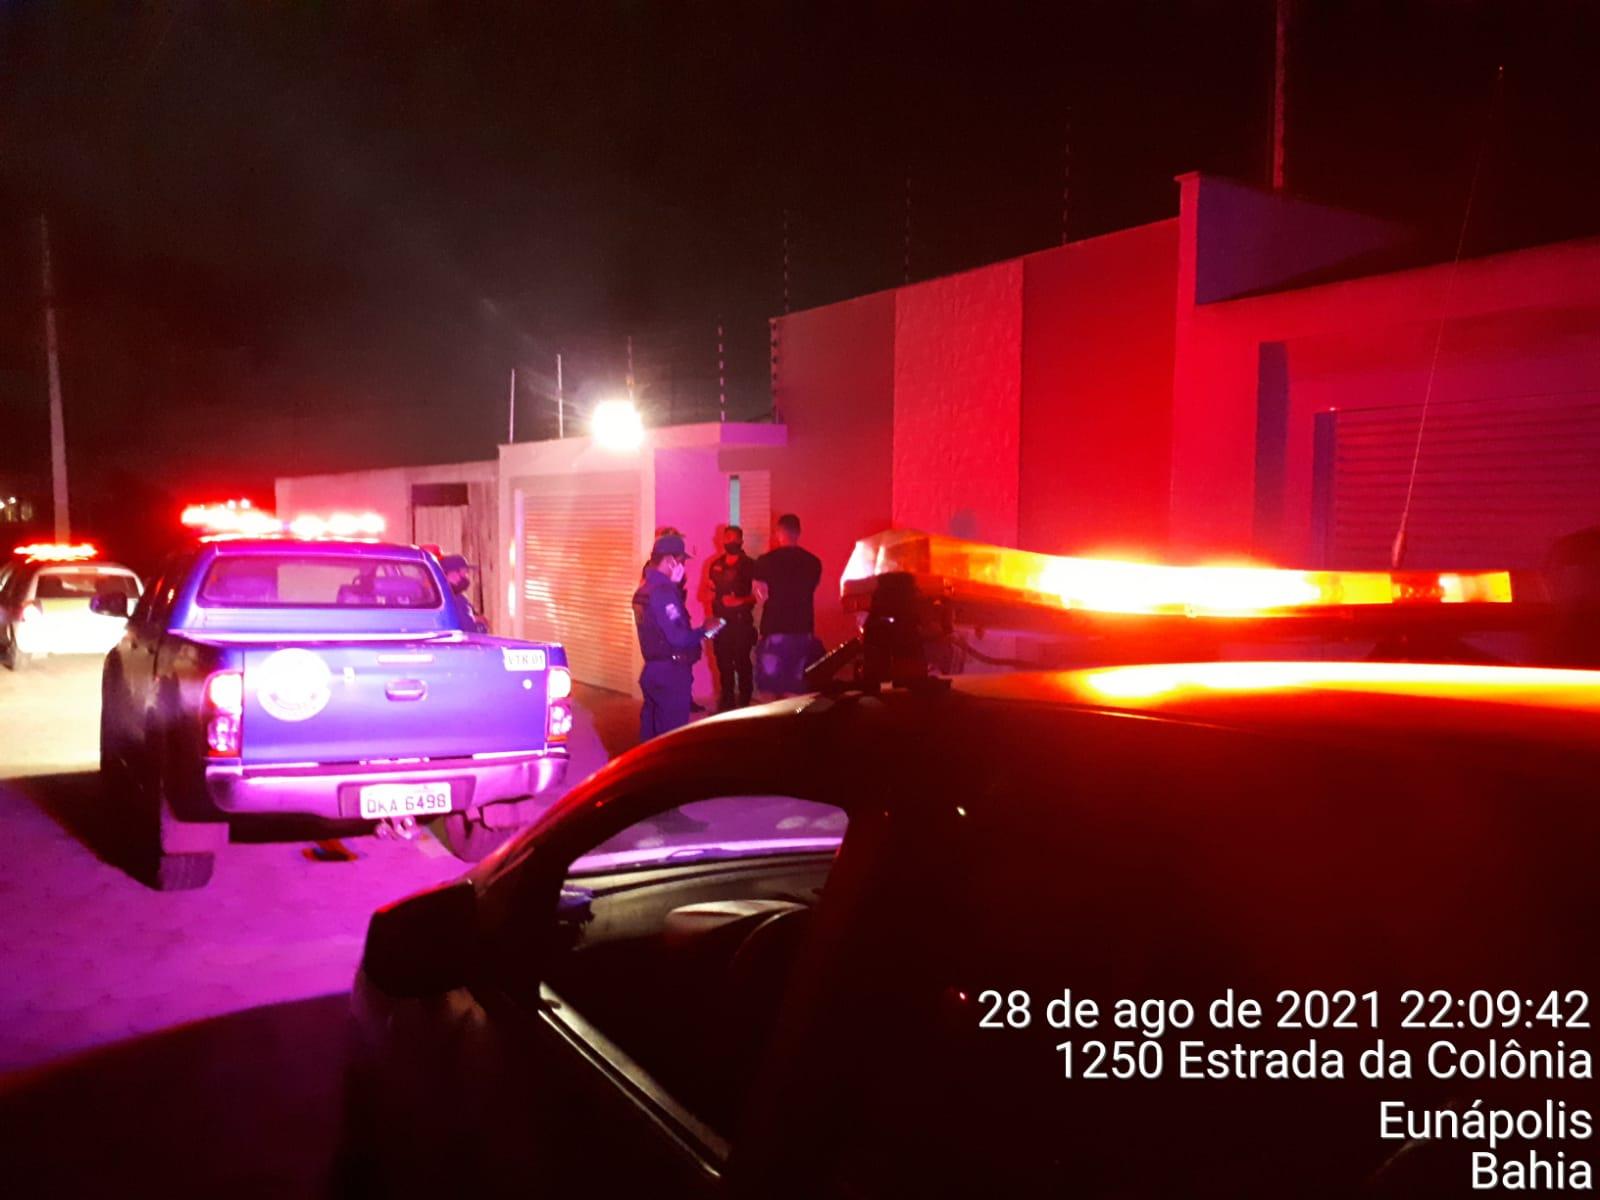 Força-Tarefa acaba com festas clandestinas em Eunápolis e interdita estabelecimento 18